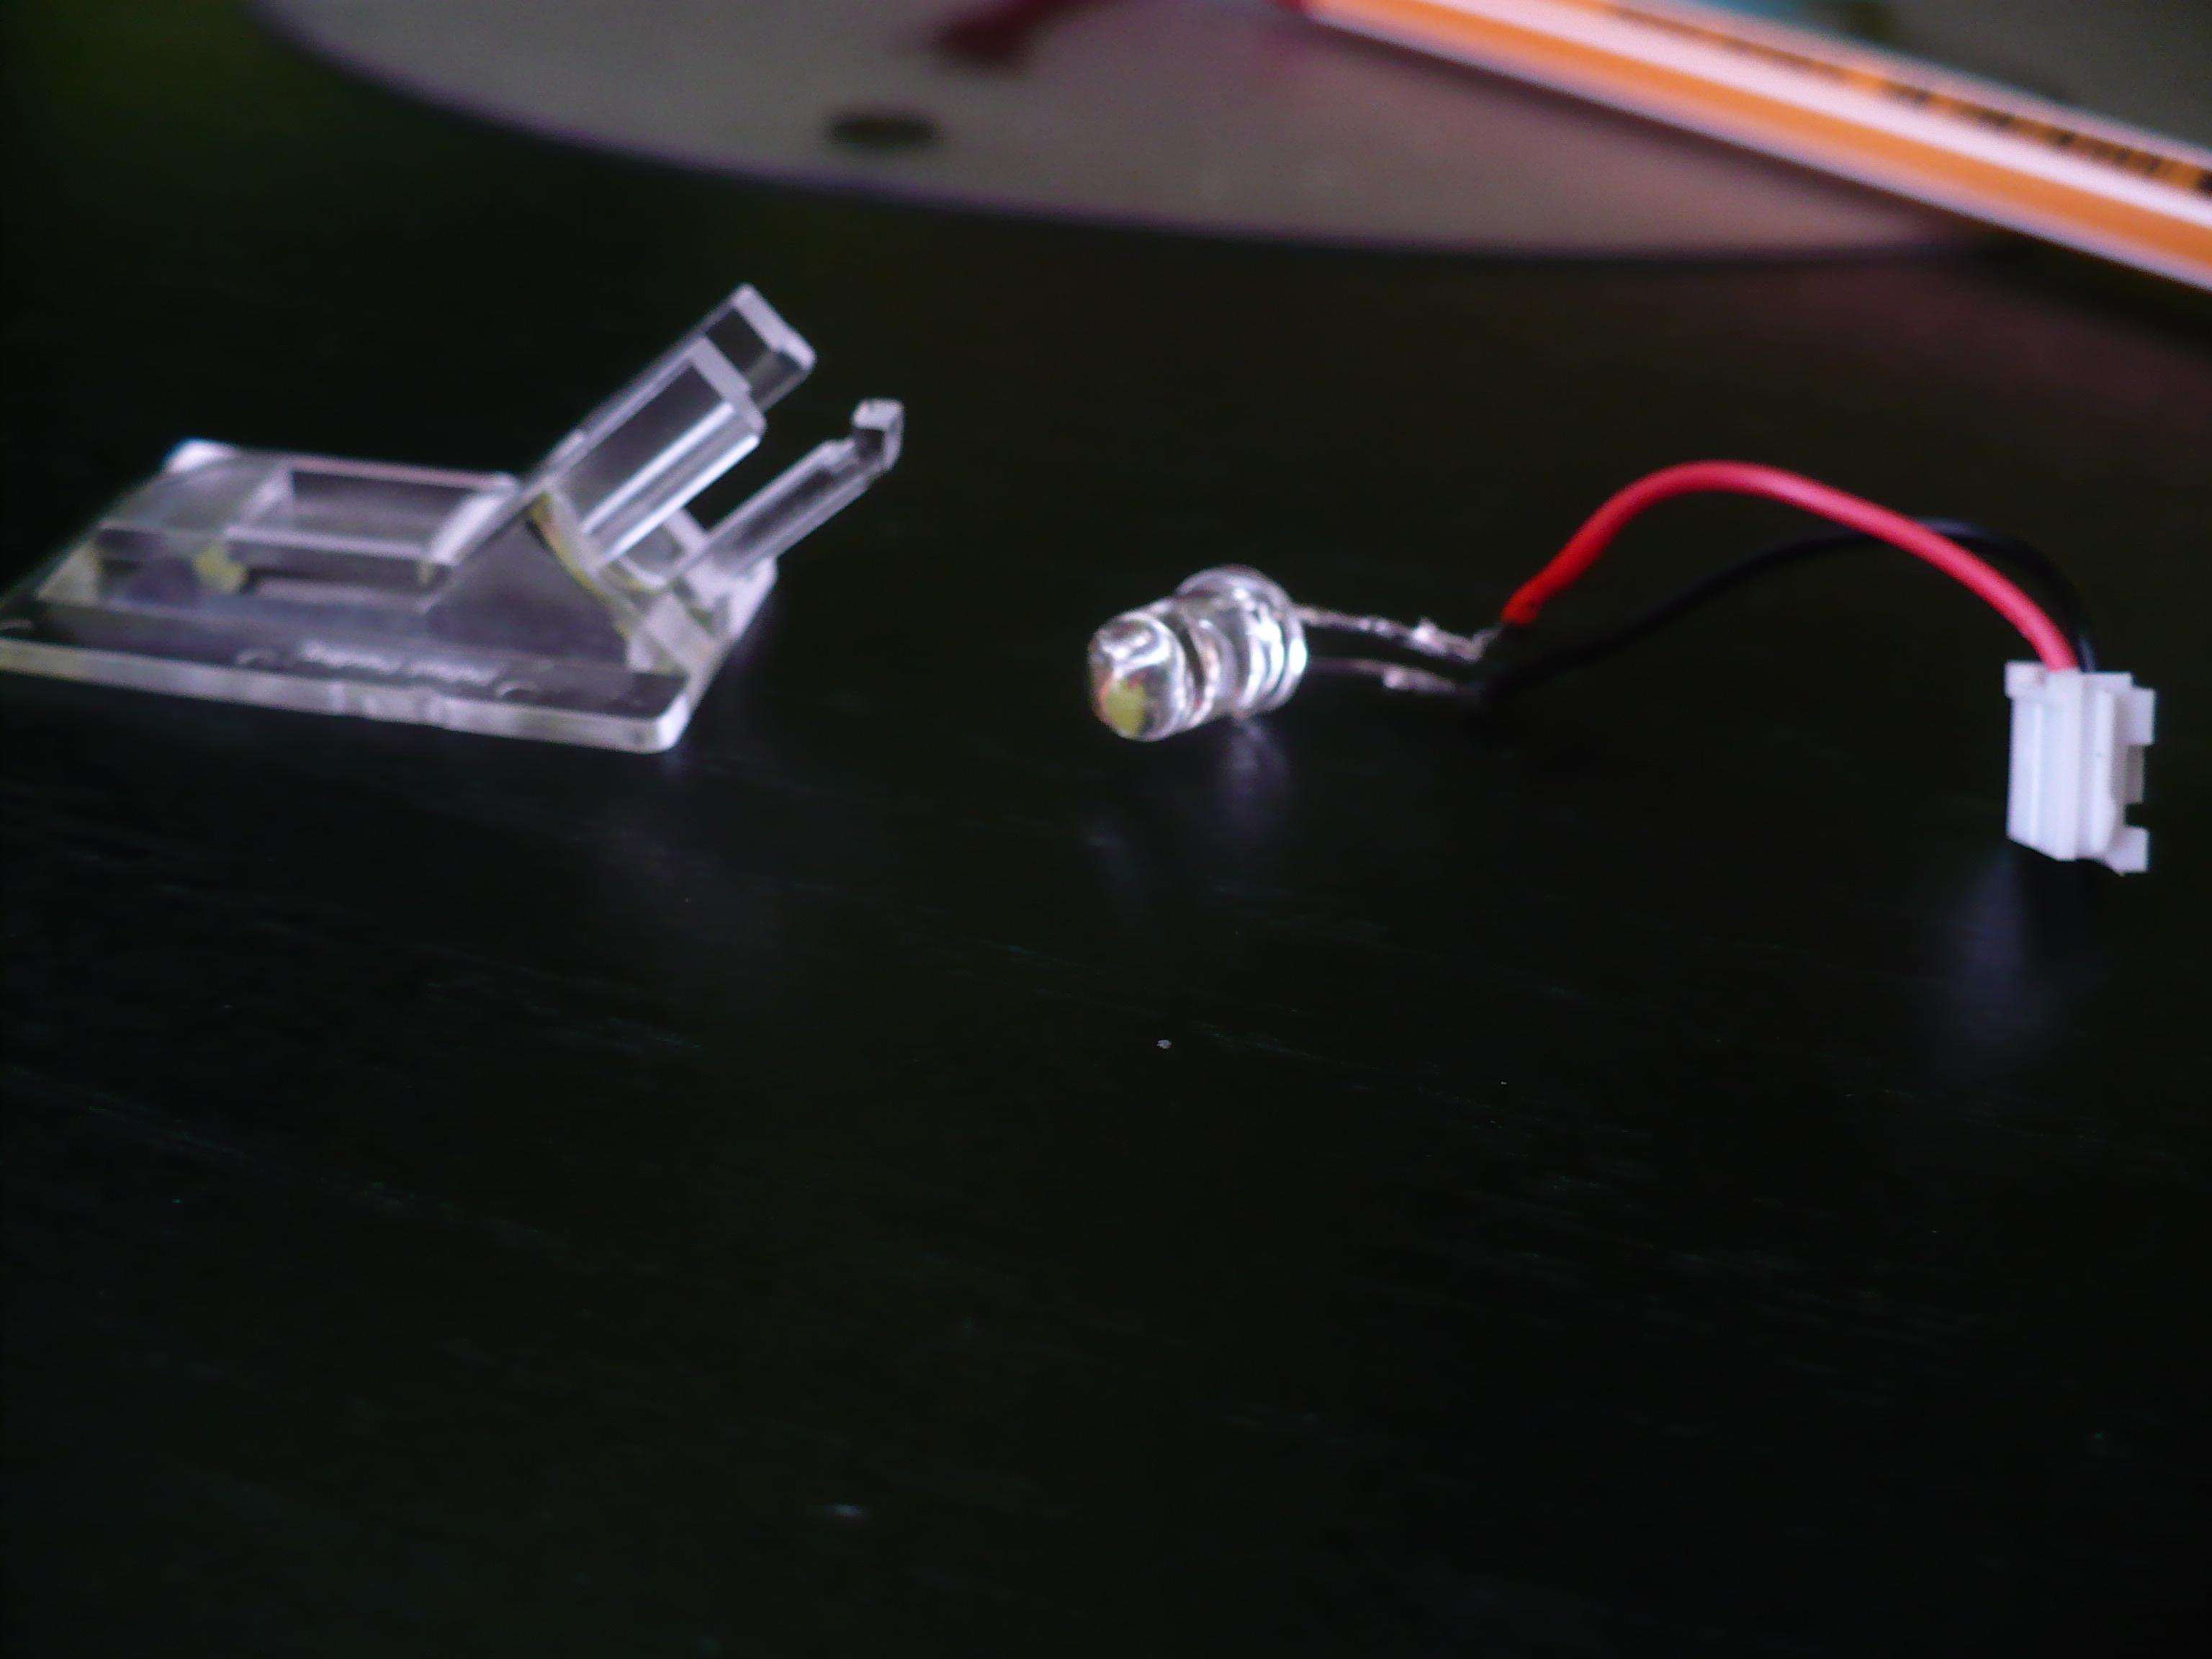 Dioda w myszy Benq L350 - po wymianie na czerwon� kursor skacze.